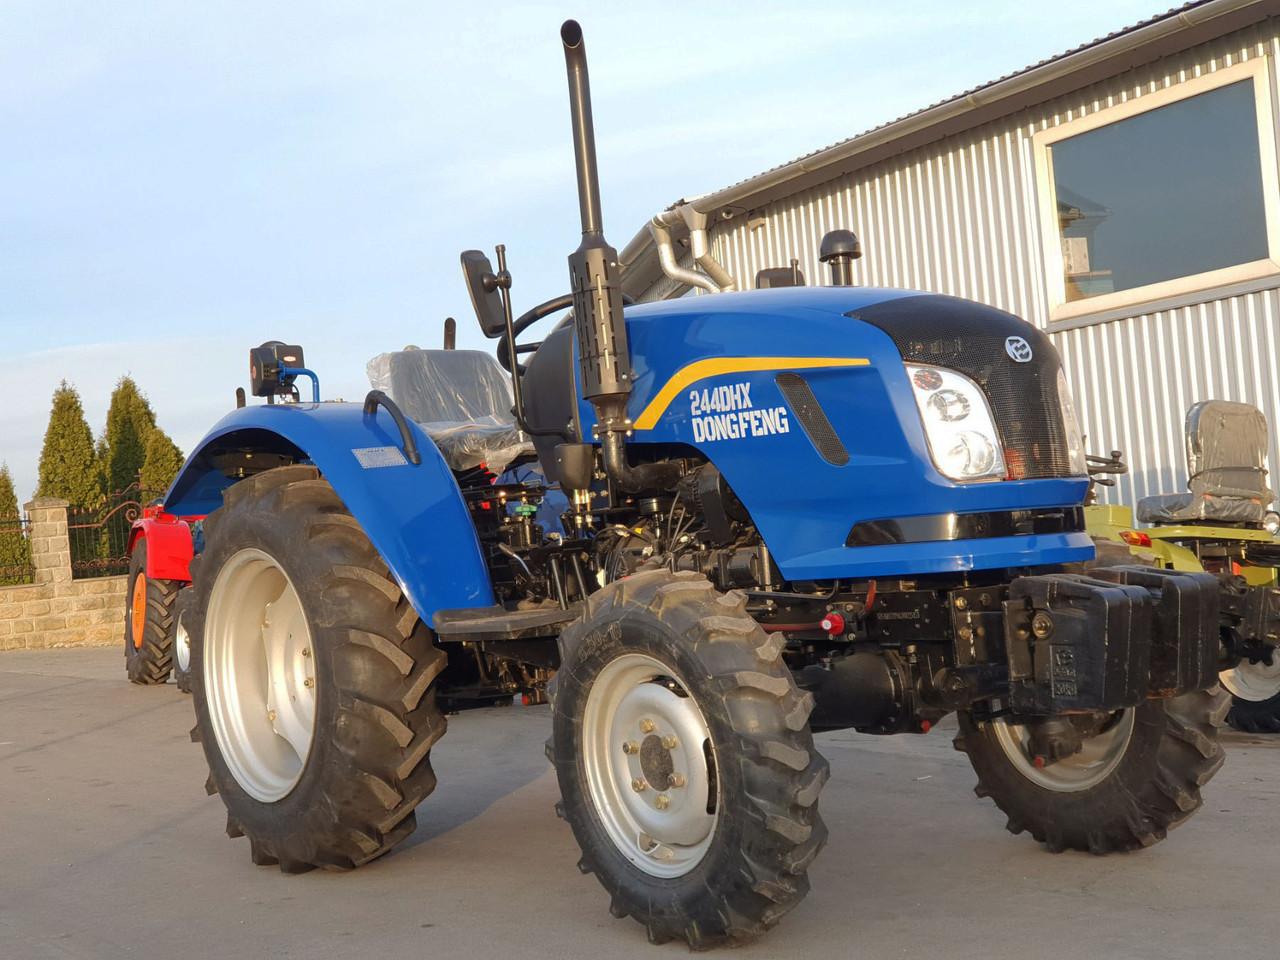 Трактор DongFeng 244 DHX, 3 цил, 24 л.с, ГУР, увеличенные шины, 4х4, усиленный передний мост, гарантия